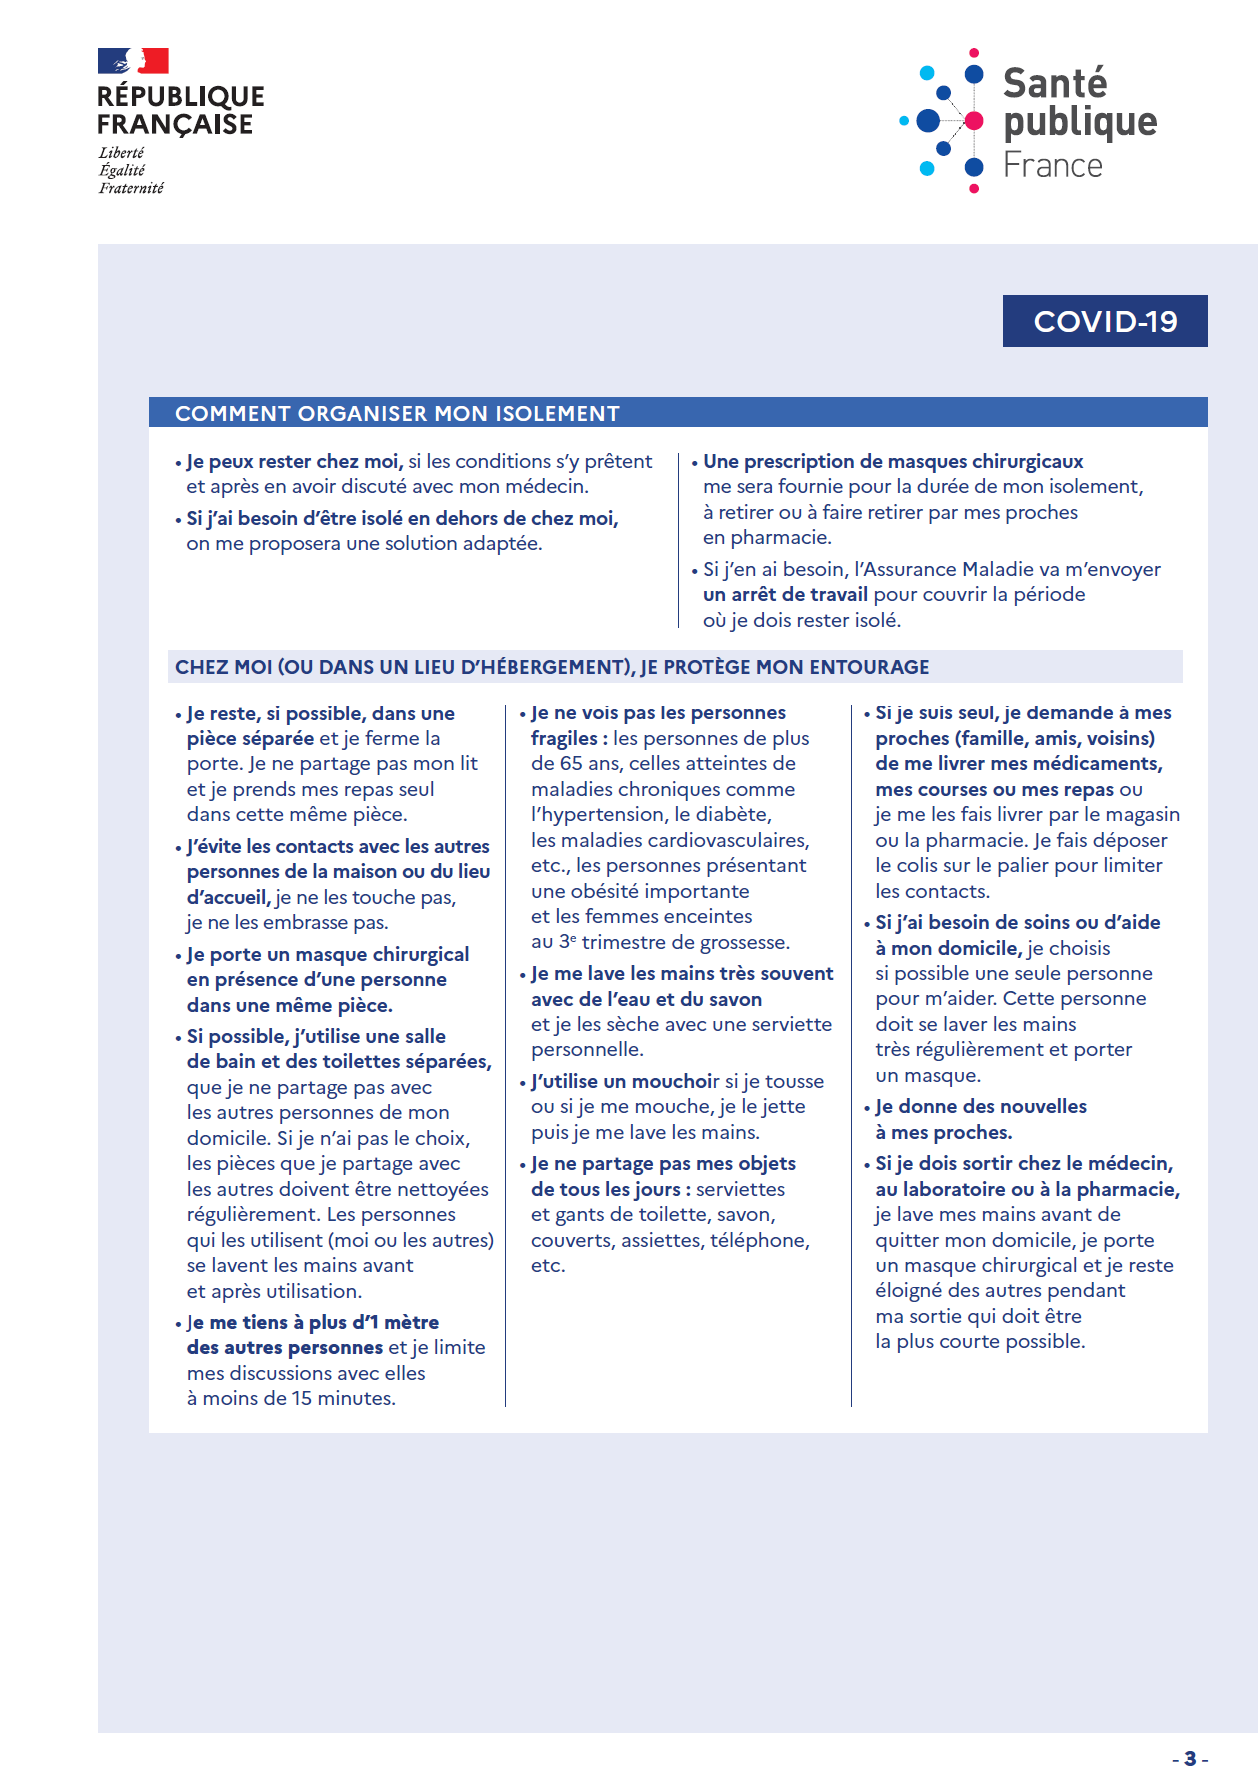 J_ai été en contact avec une personne malade de la COVID19 santé publique France p3.png